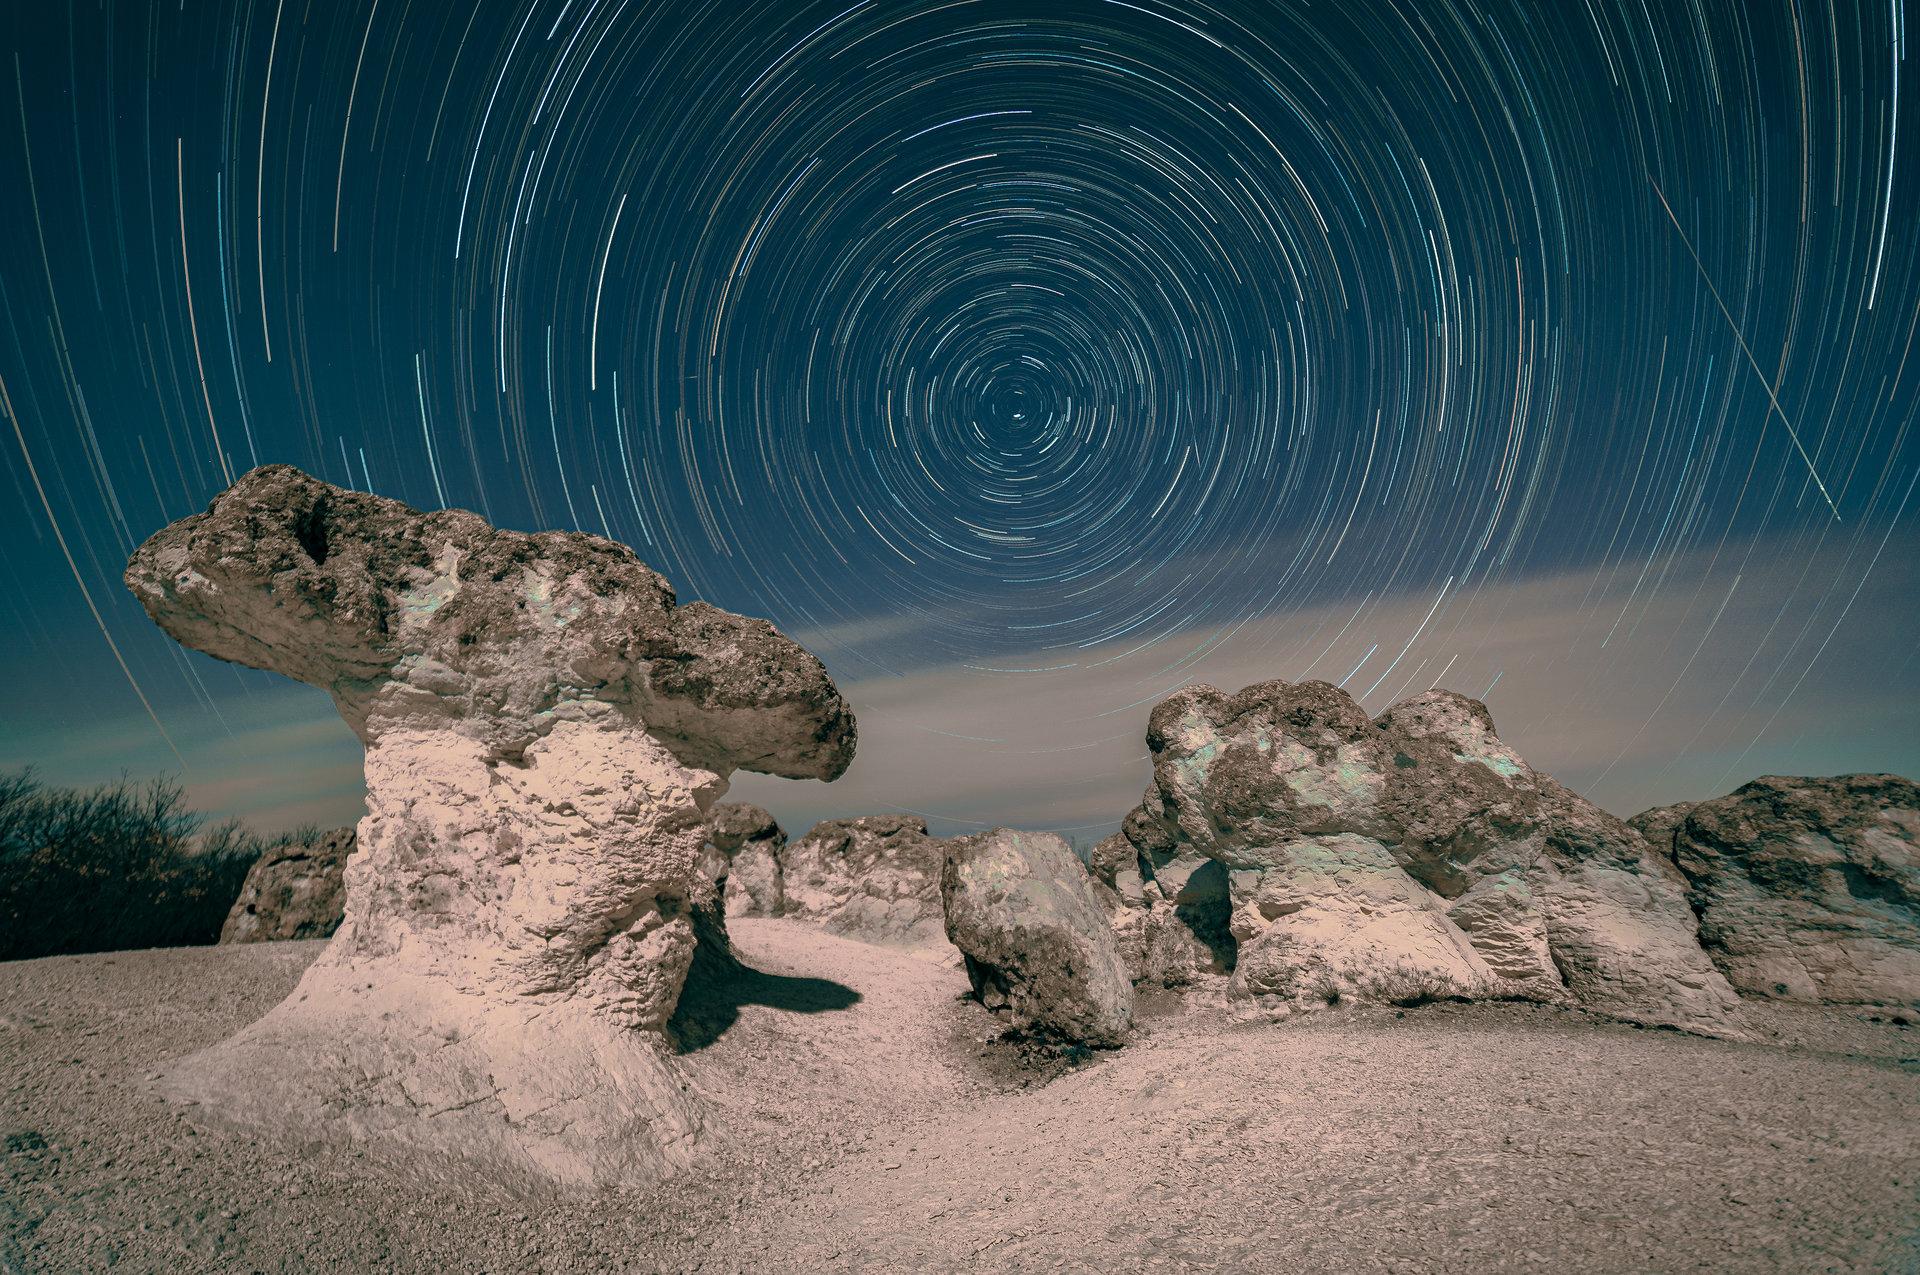 Star trails   Author Bozhidar Uzunov - bobby5   PHOTO FORUM